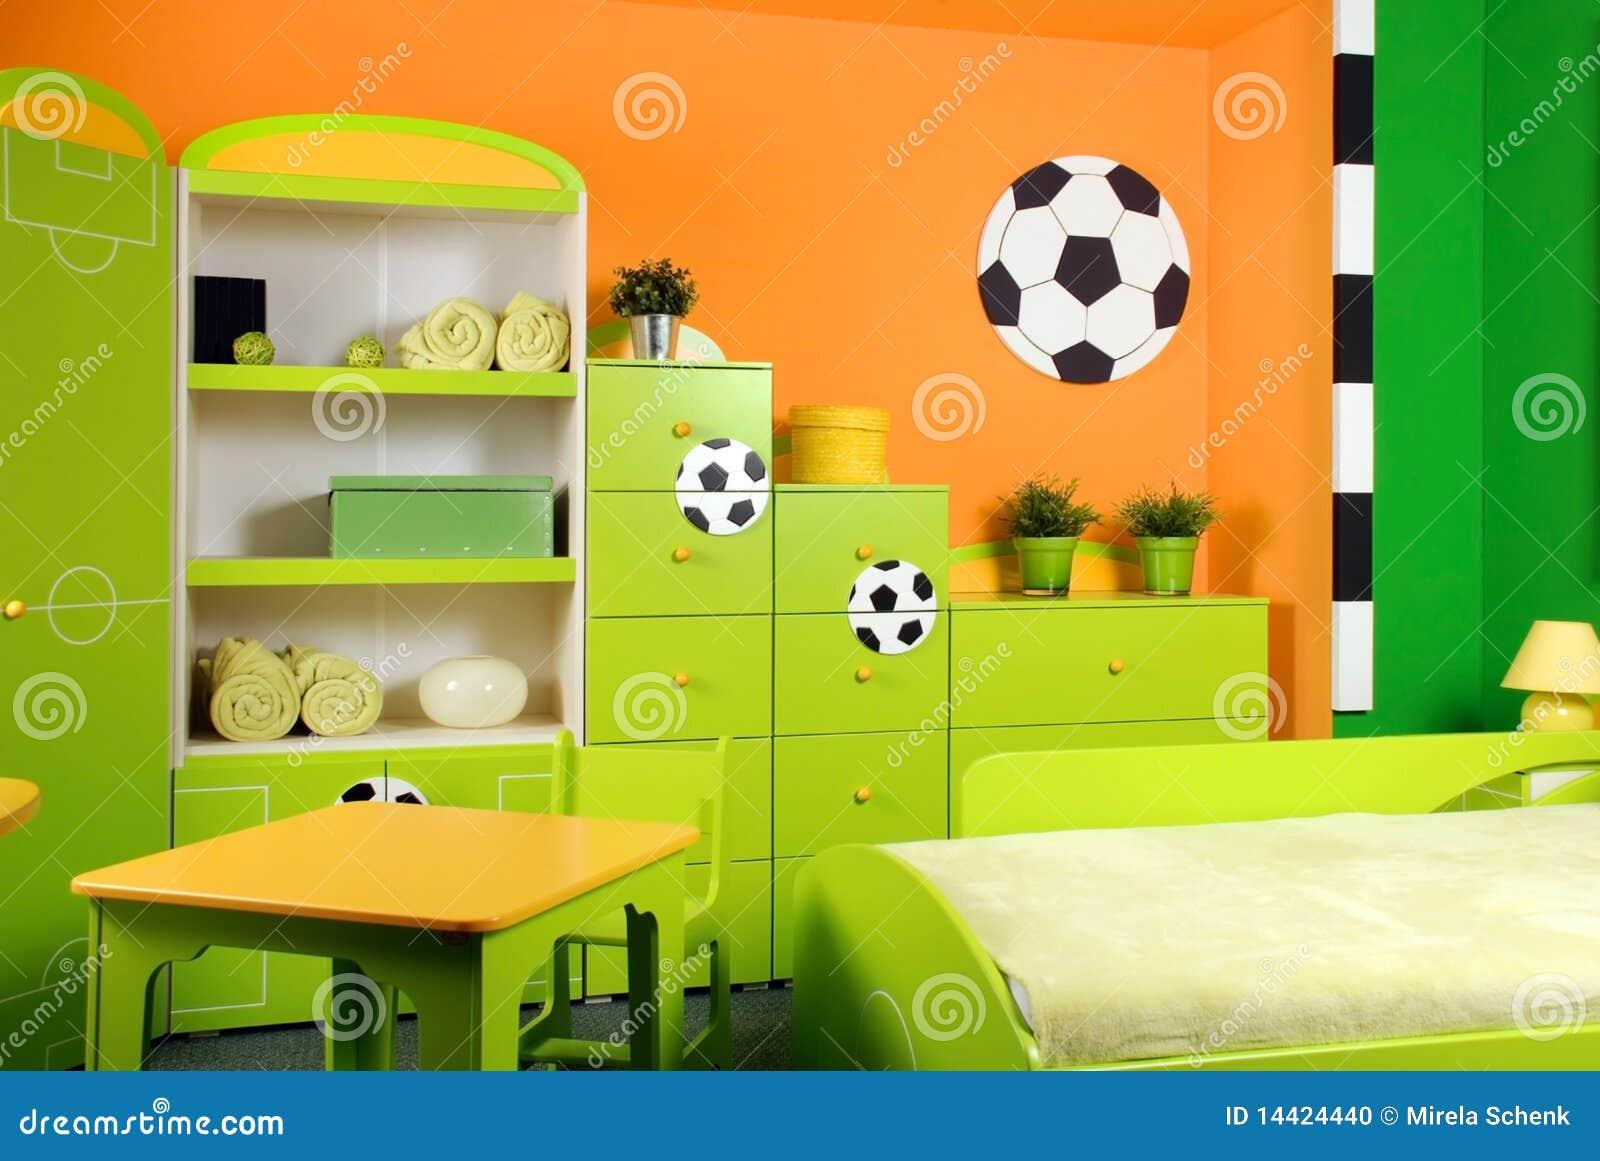 Jungen-schlafzimmer. Stockfoto - Bild: 14424440 Schlafzimmer Jungen